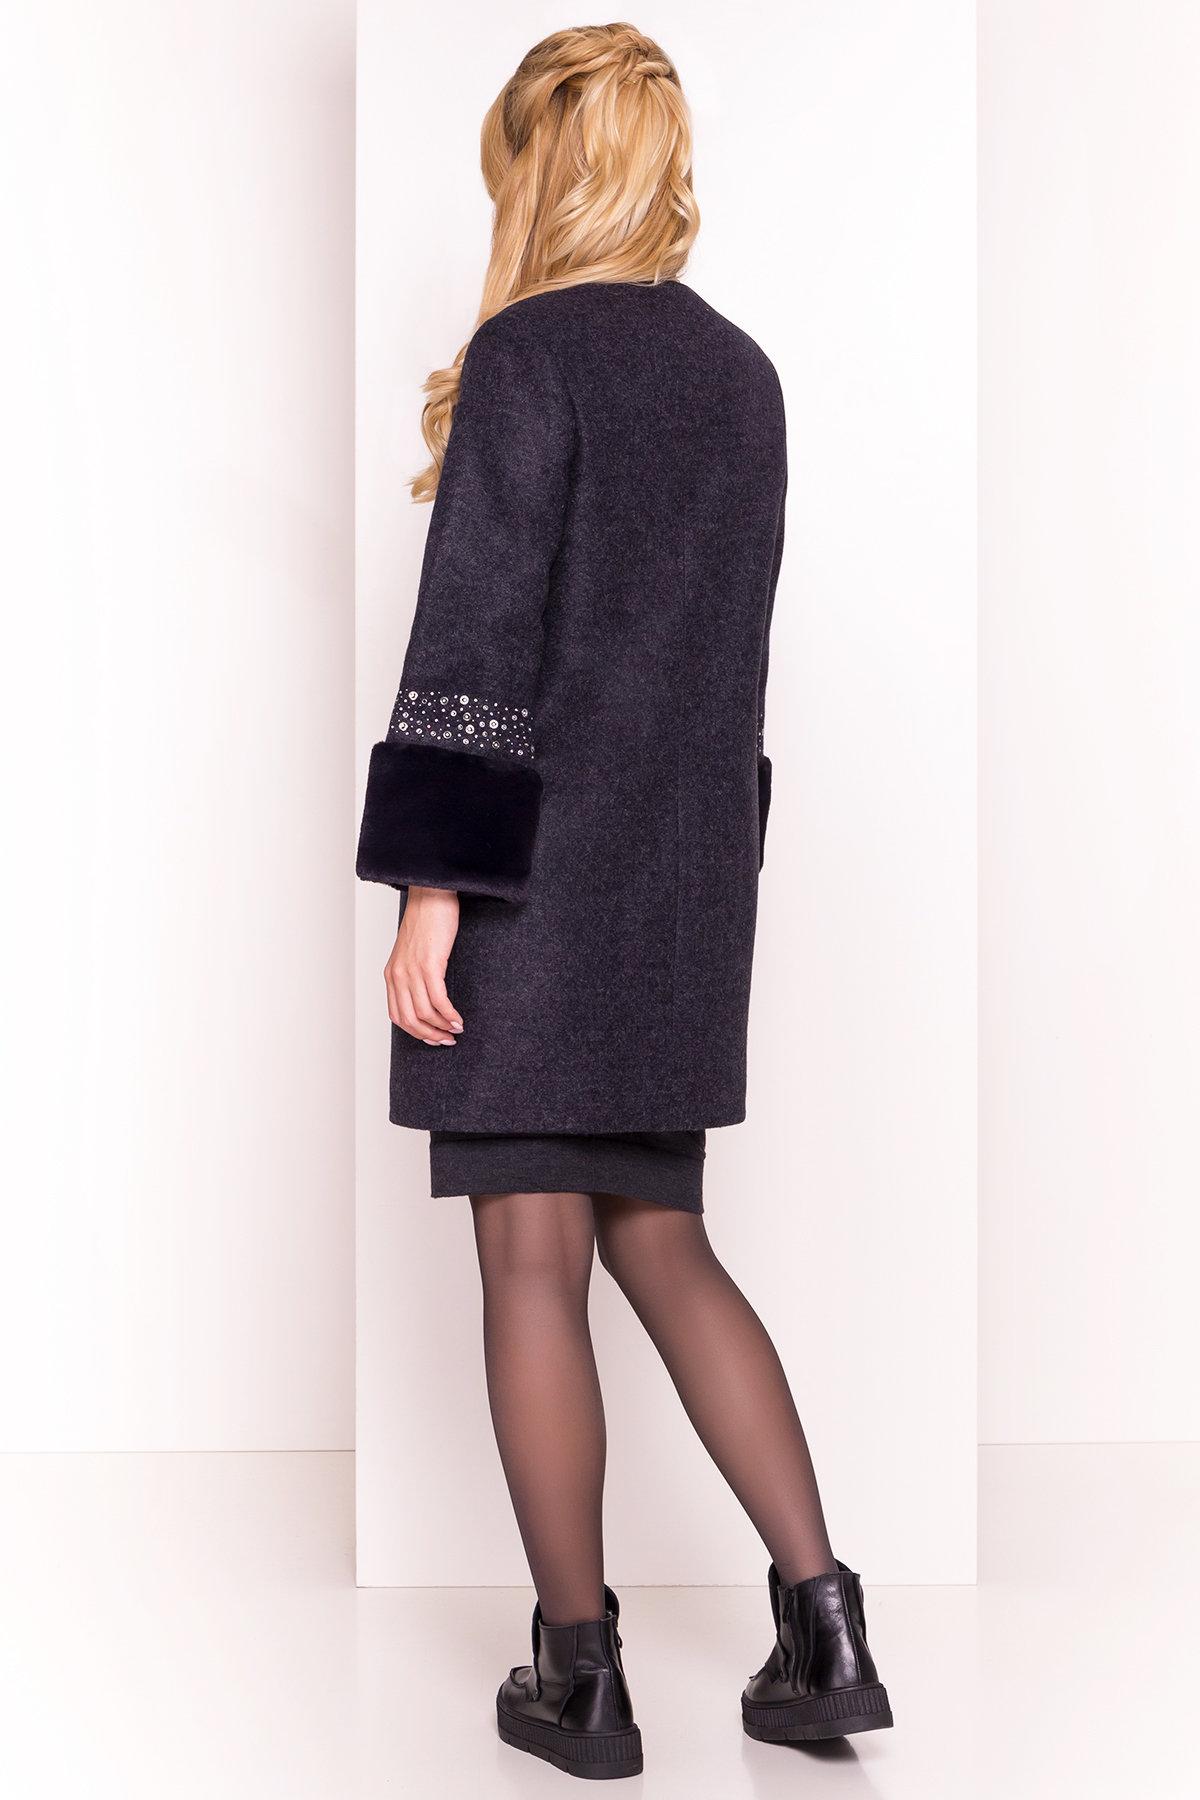 Пальто Амелия 4396 АРТ. 21450 Цвет: Темно-синий - фото 5, интернет магазин tm-modus.ru